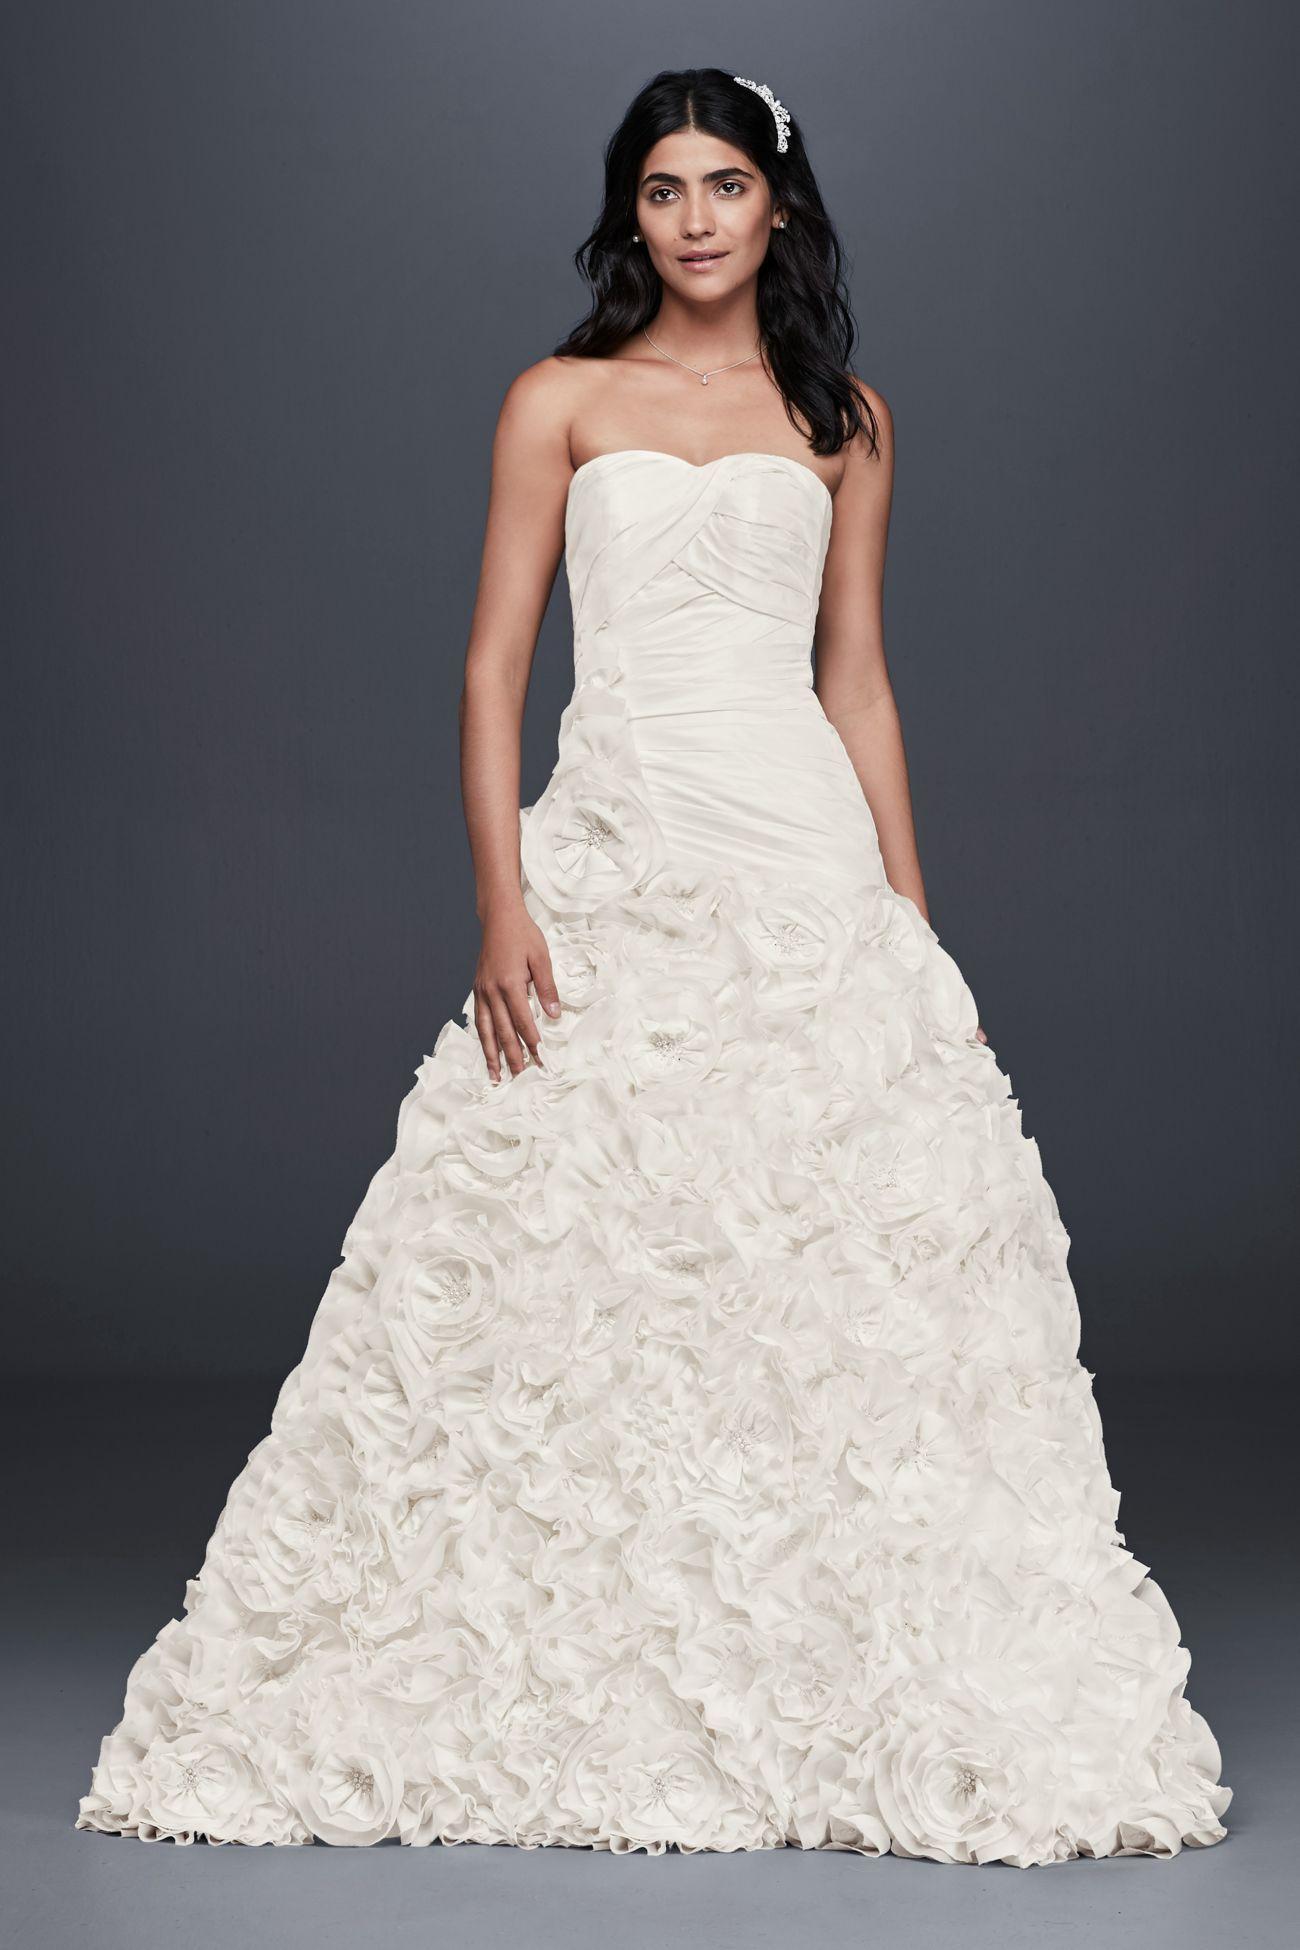 Op my wedding dress design inspirations pinterest wedding